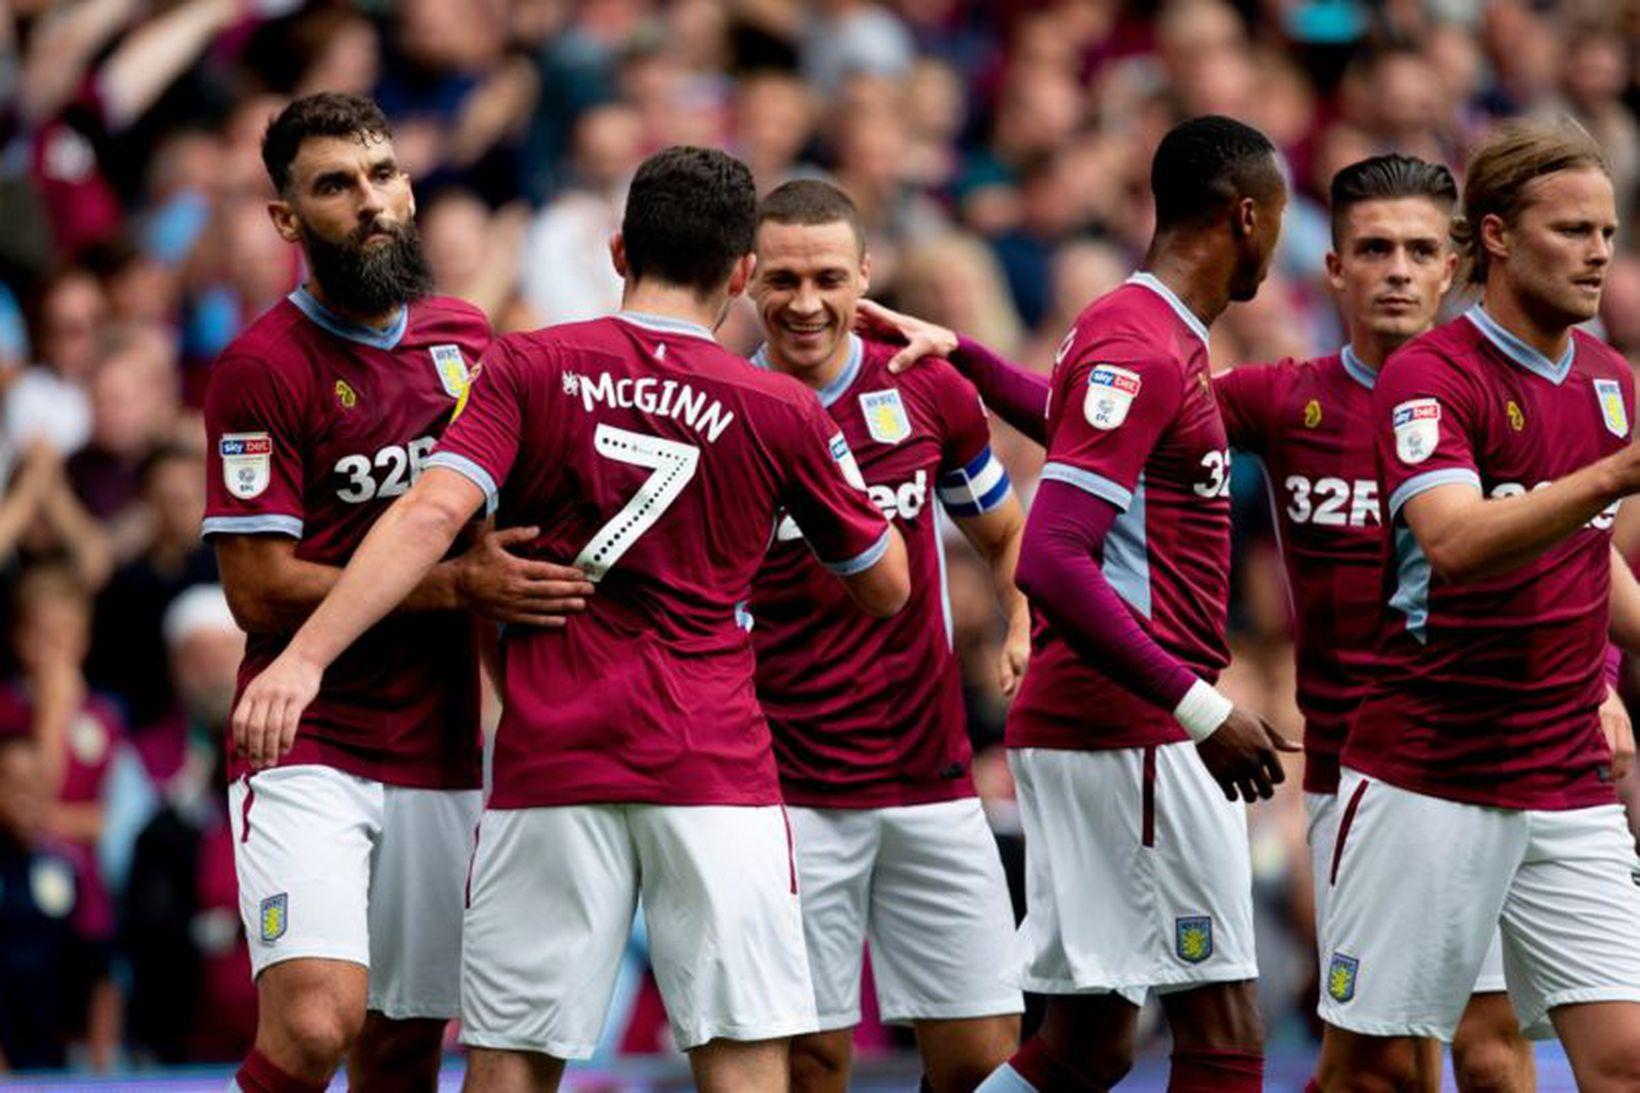 Liðsmenn Aston Villa fagna marki.